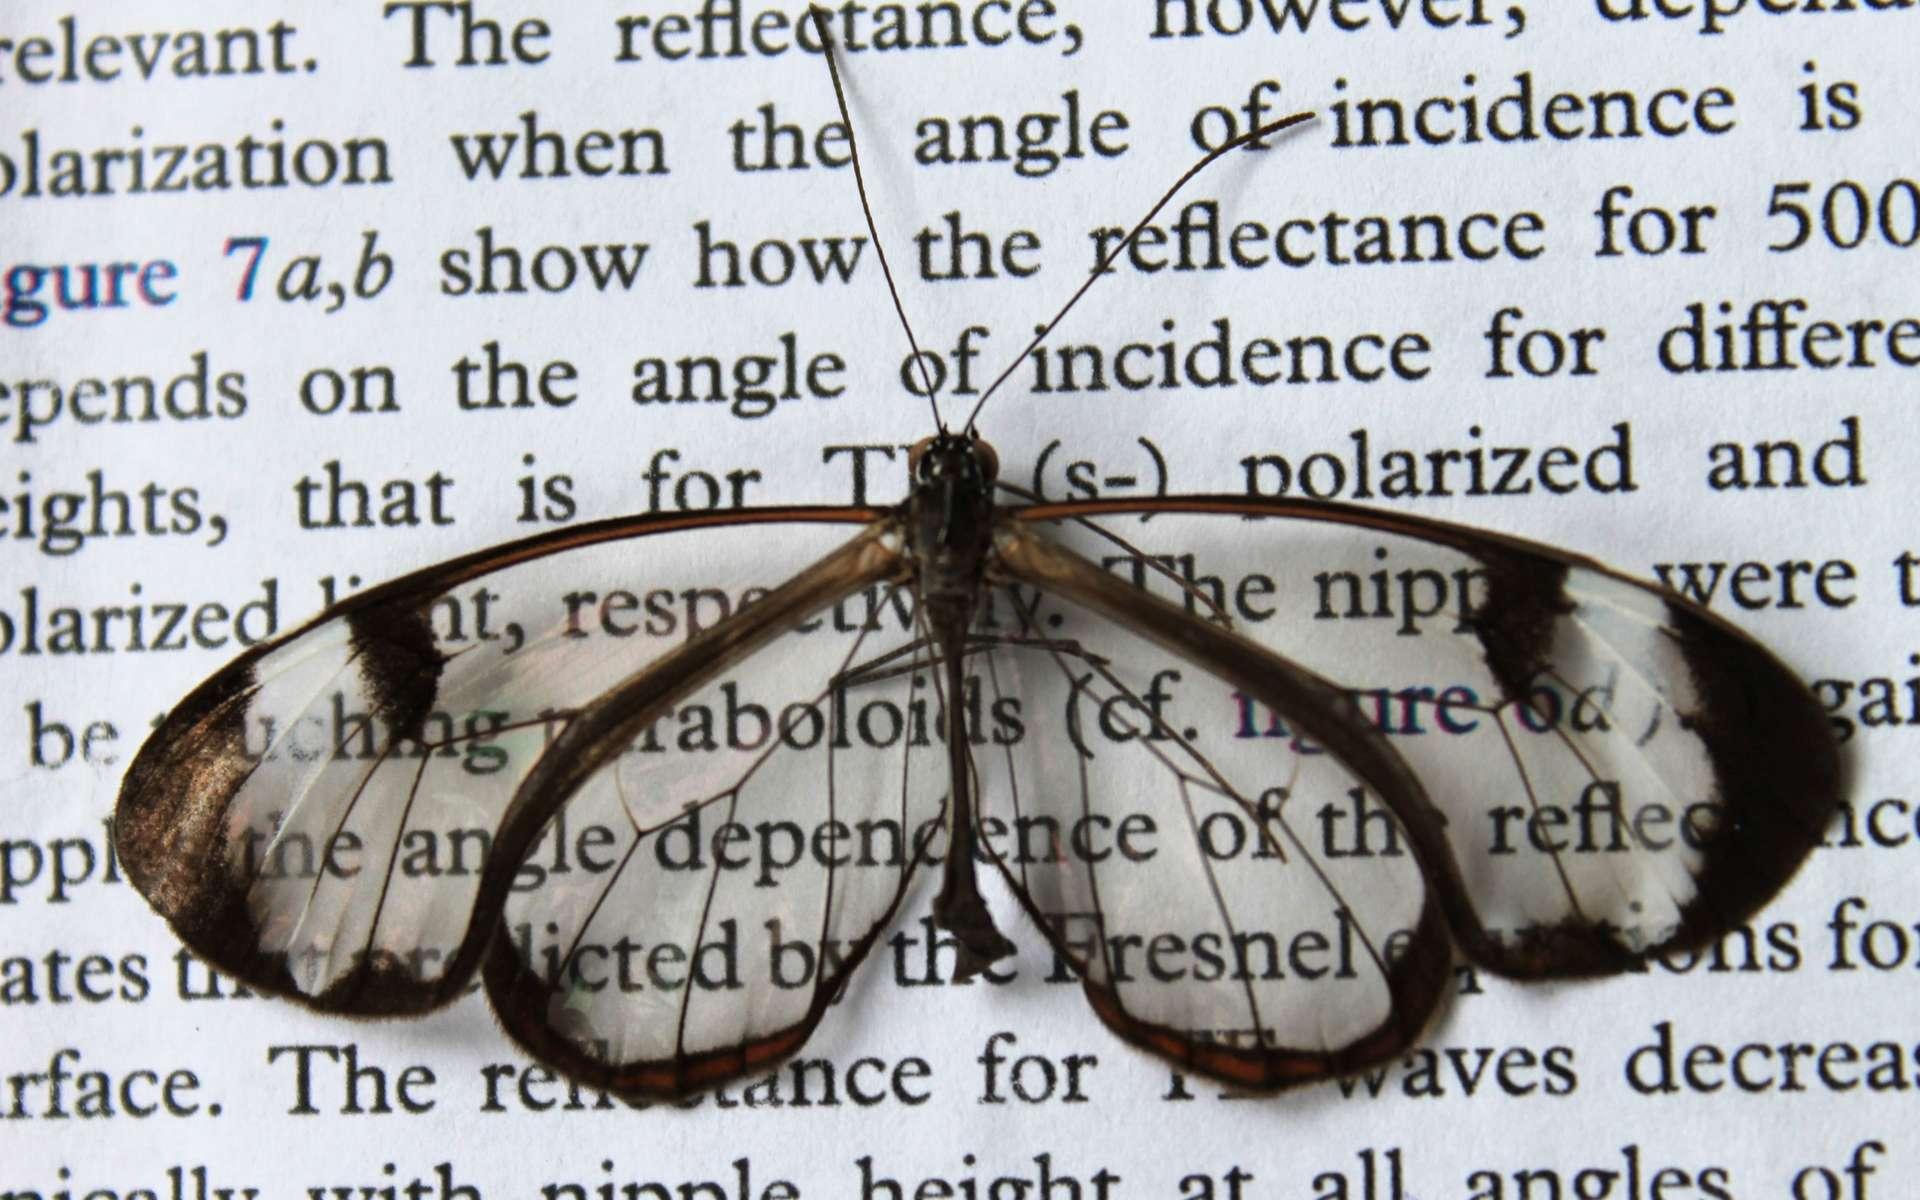 Contrairement à d'autres surfaces transparentes, les ailes du Greta Oto reflètent peu la lumière. Lunettes ou écrans de téléphones portables pourraient bénéficier de l'étude de ce phénomène rare. © Hasan Radwanul Siddique, KIT